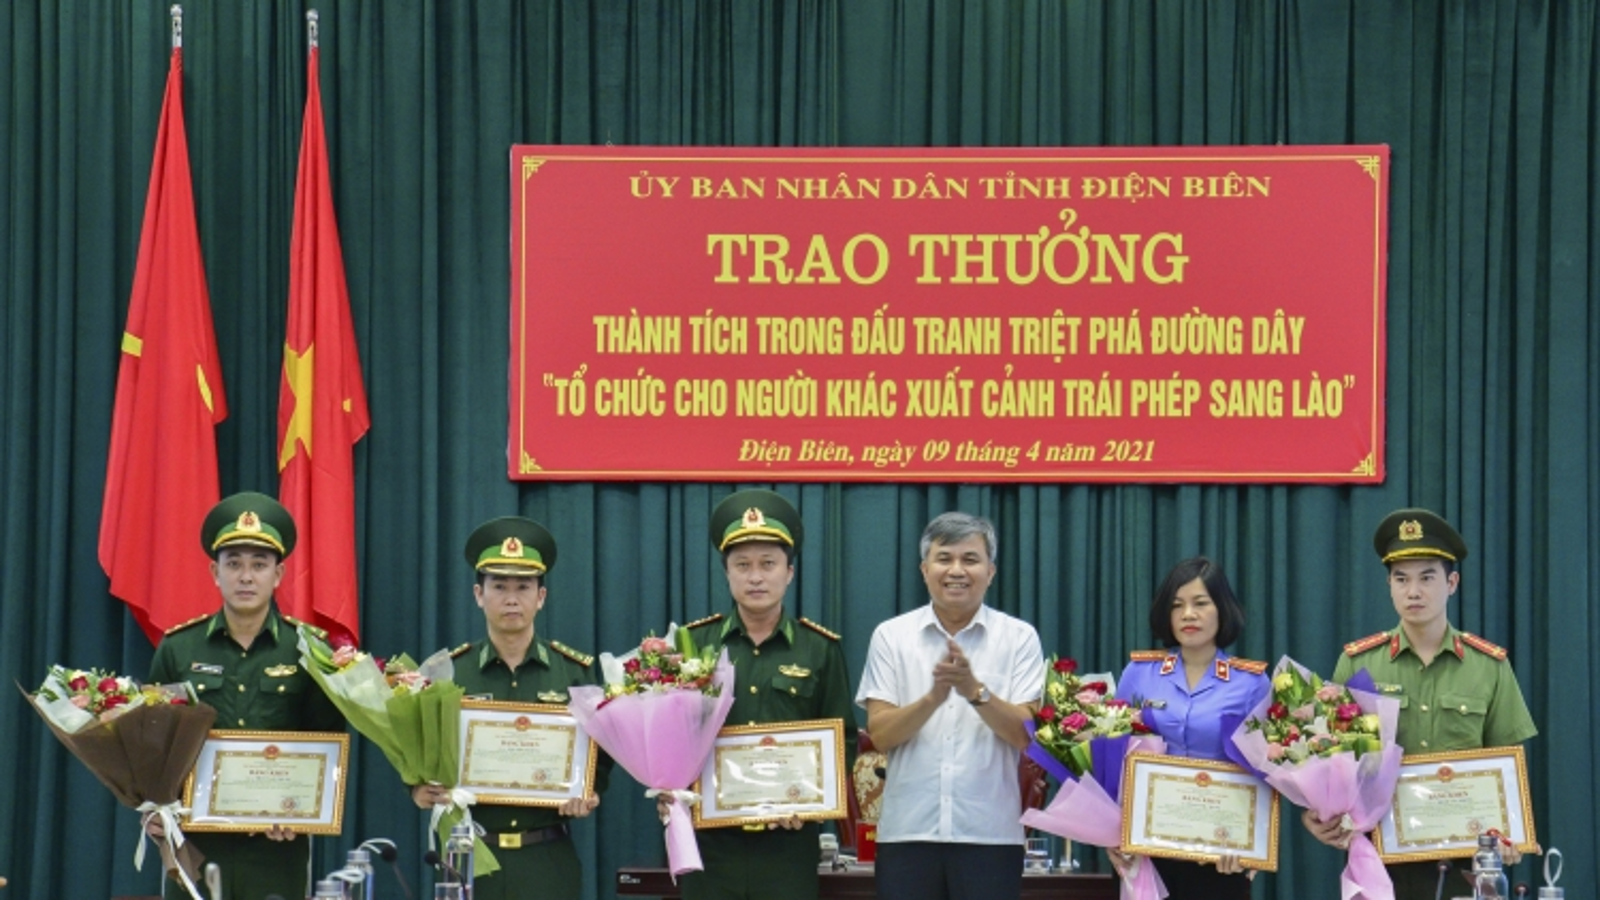 Phá 2 chuyên án đưa người Trung Quốc xuất cảnh trái phép sang Lào